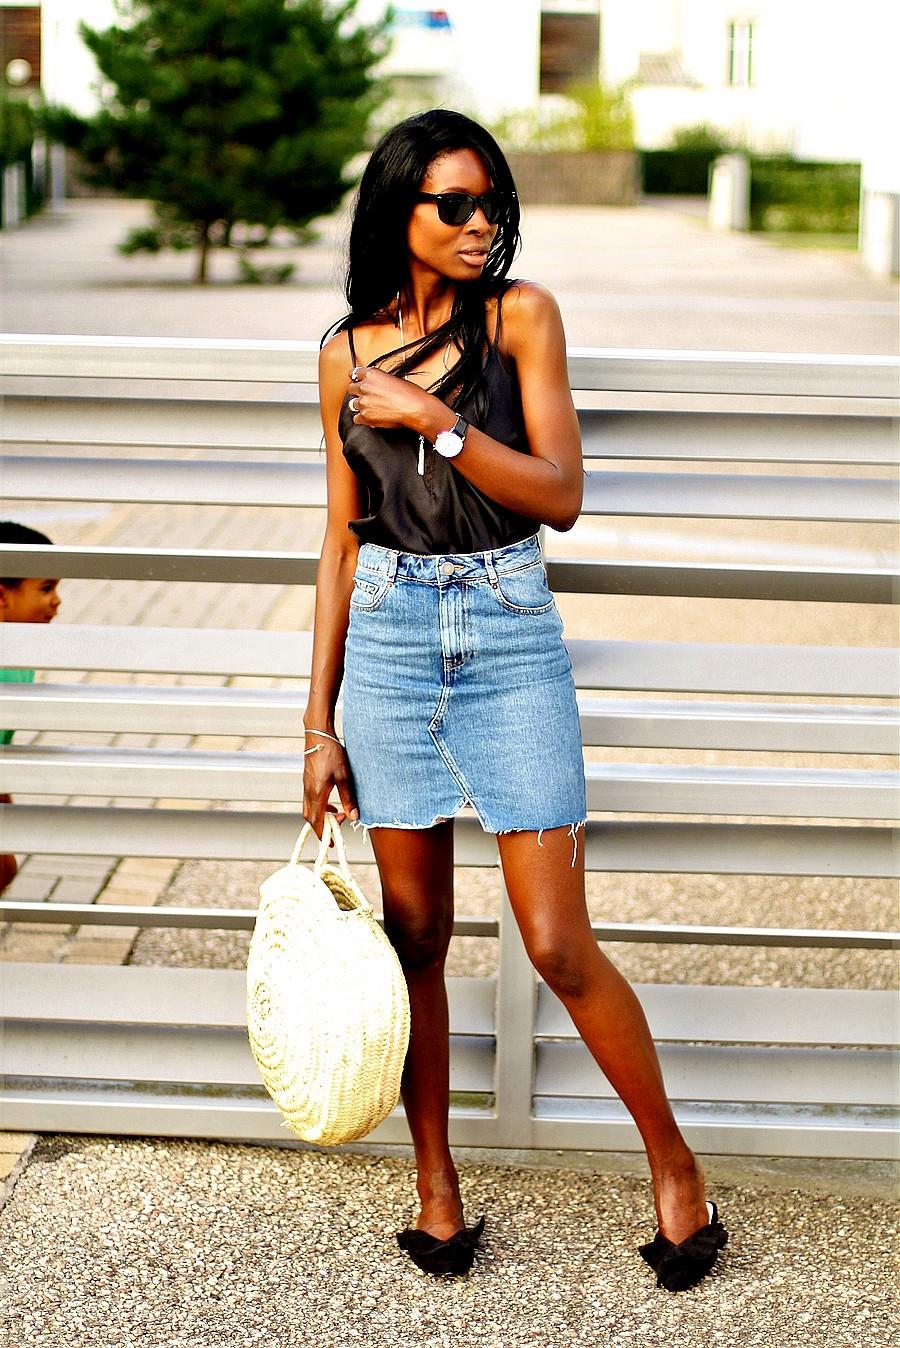 comment-porter-jupe-jeans a68e0d77b7e